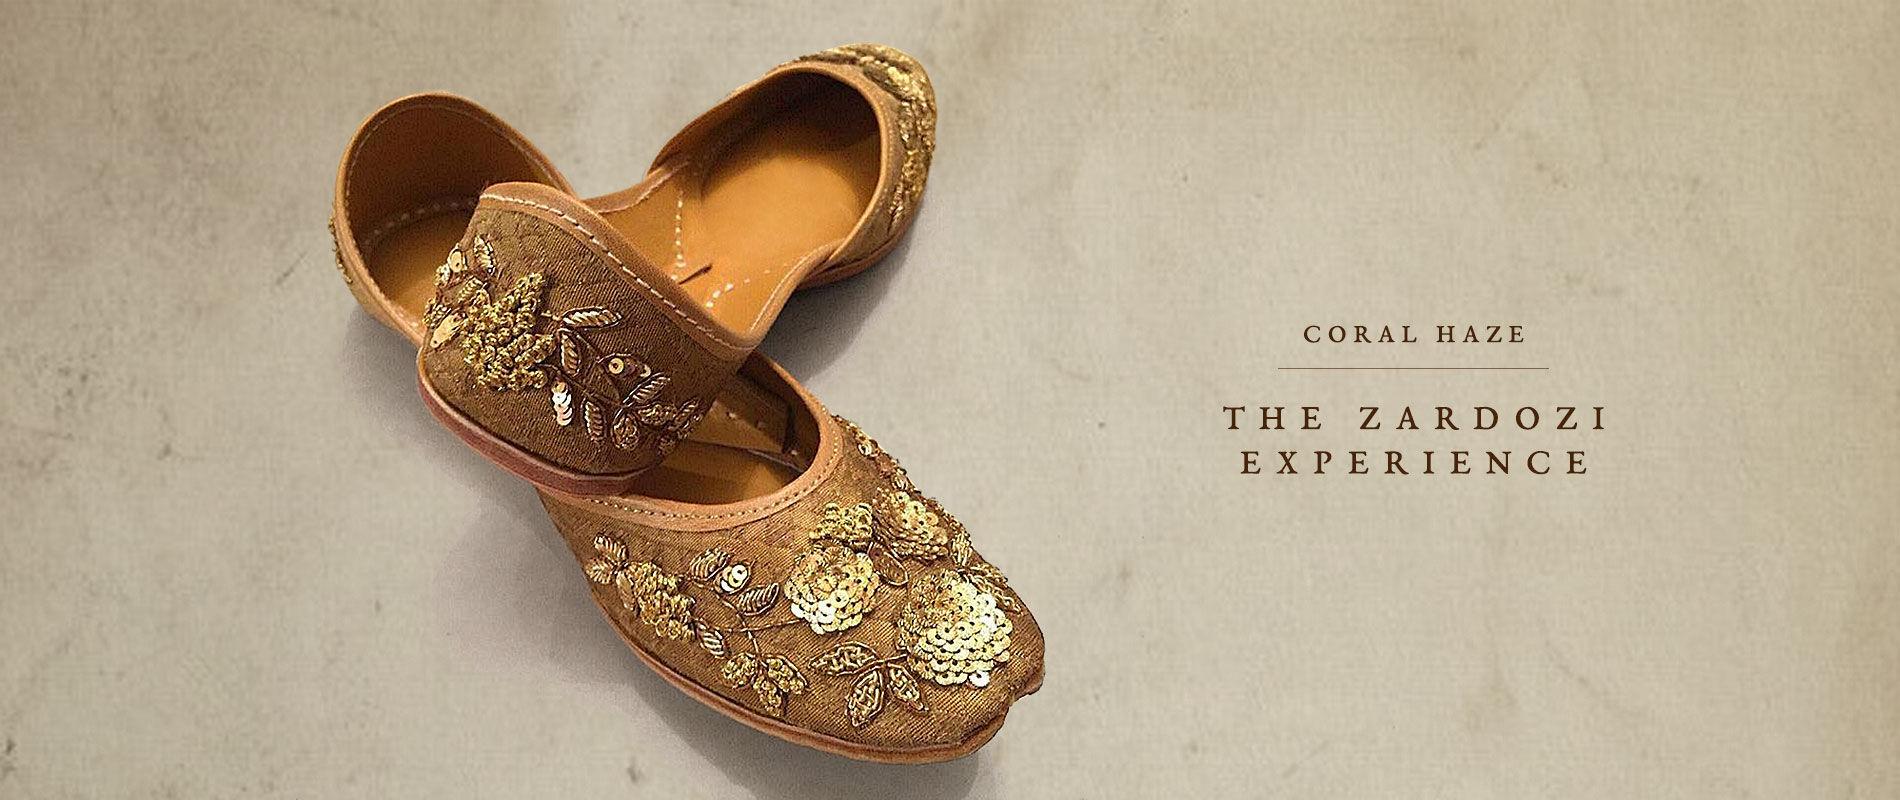 161227COH019_COH_Coral_Haze_Footwear_relaunch_5417